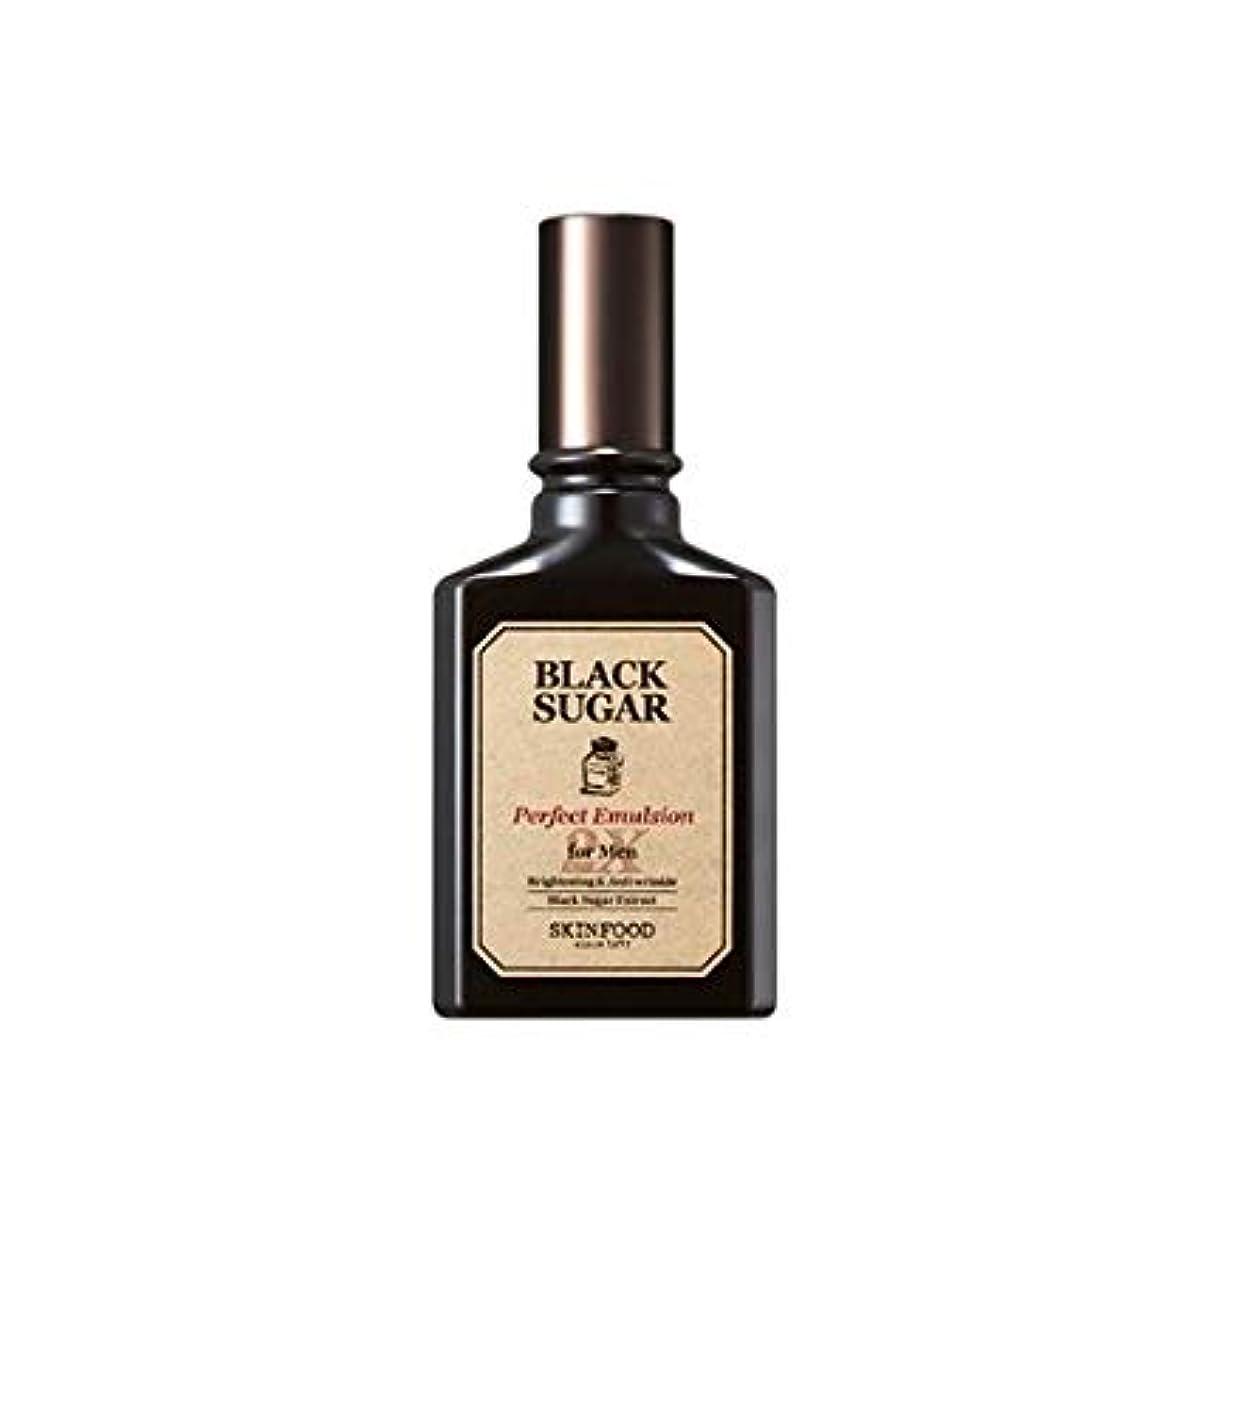 ボリューム陸軍便利Skinfood 男性用ブラックシュガーパーフェクトエマルジョン2X / Black Sugar Perfect Emulsion 2X for Men 150ml [並行輸入品]